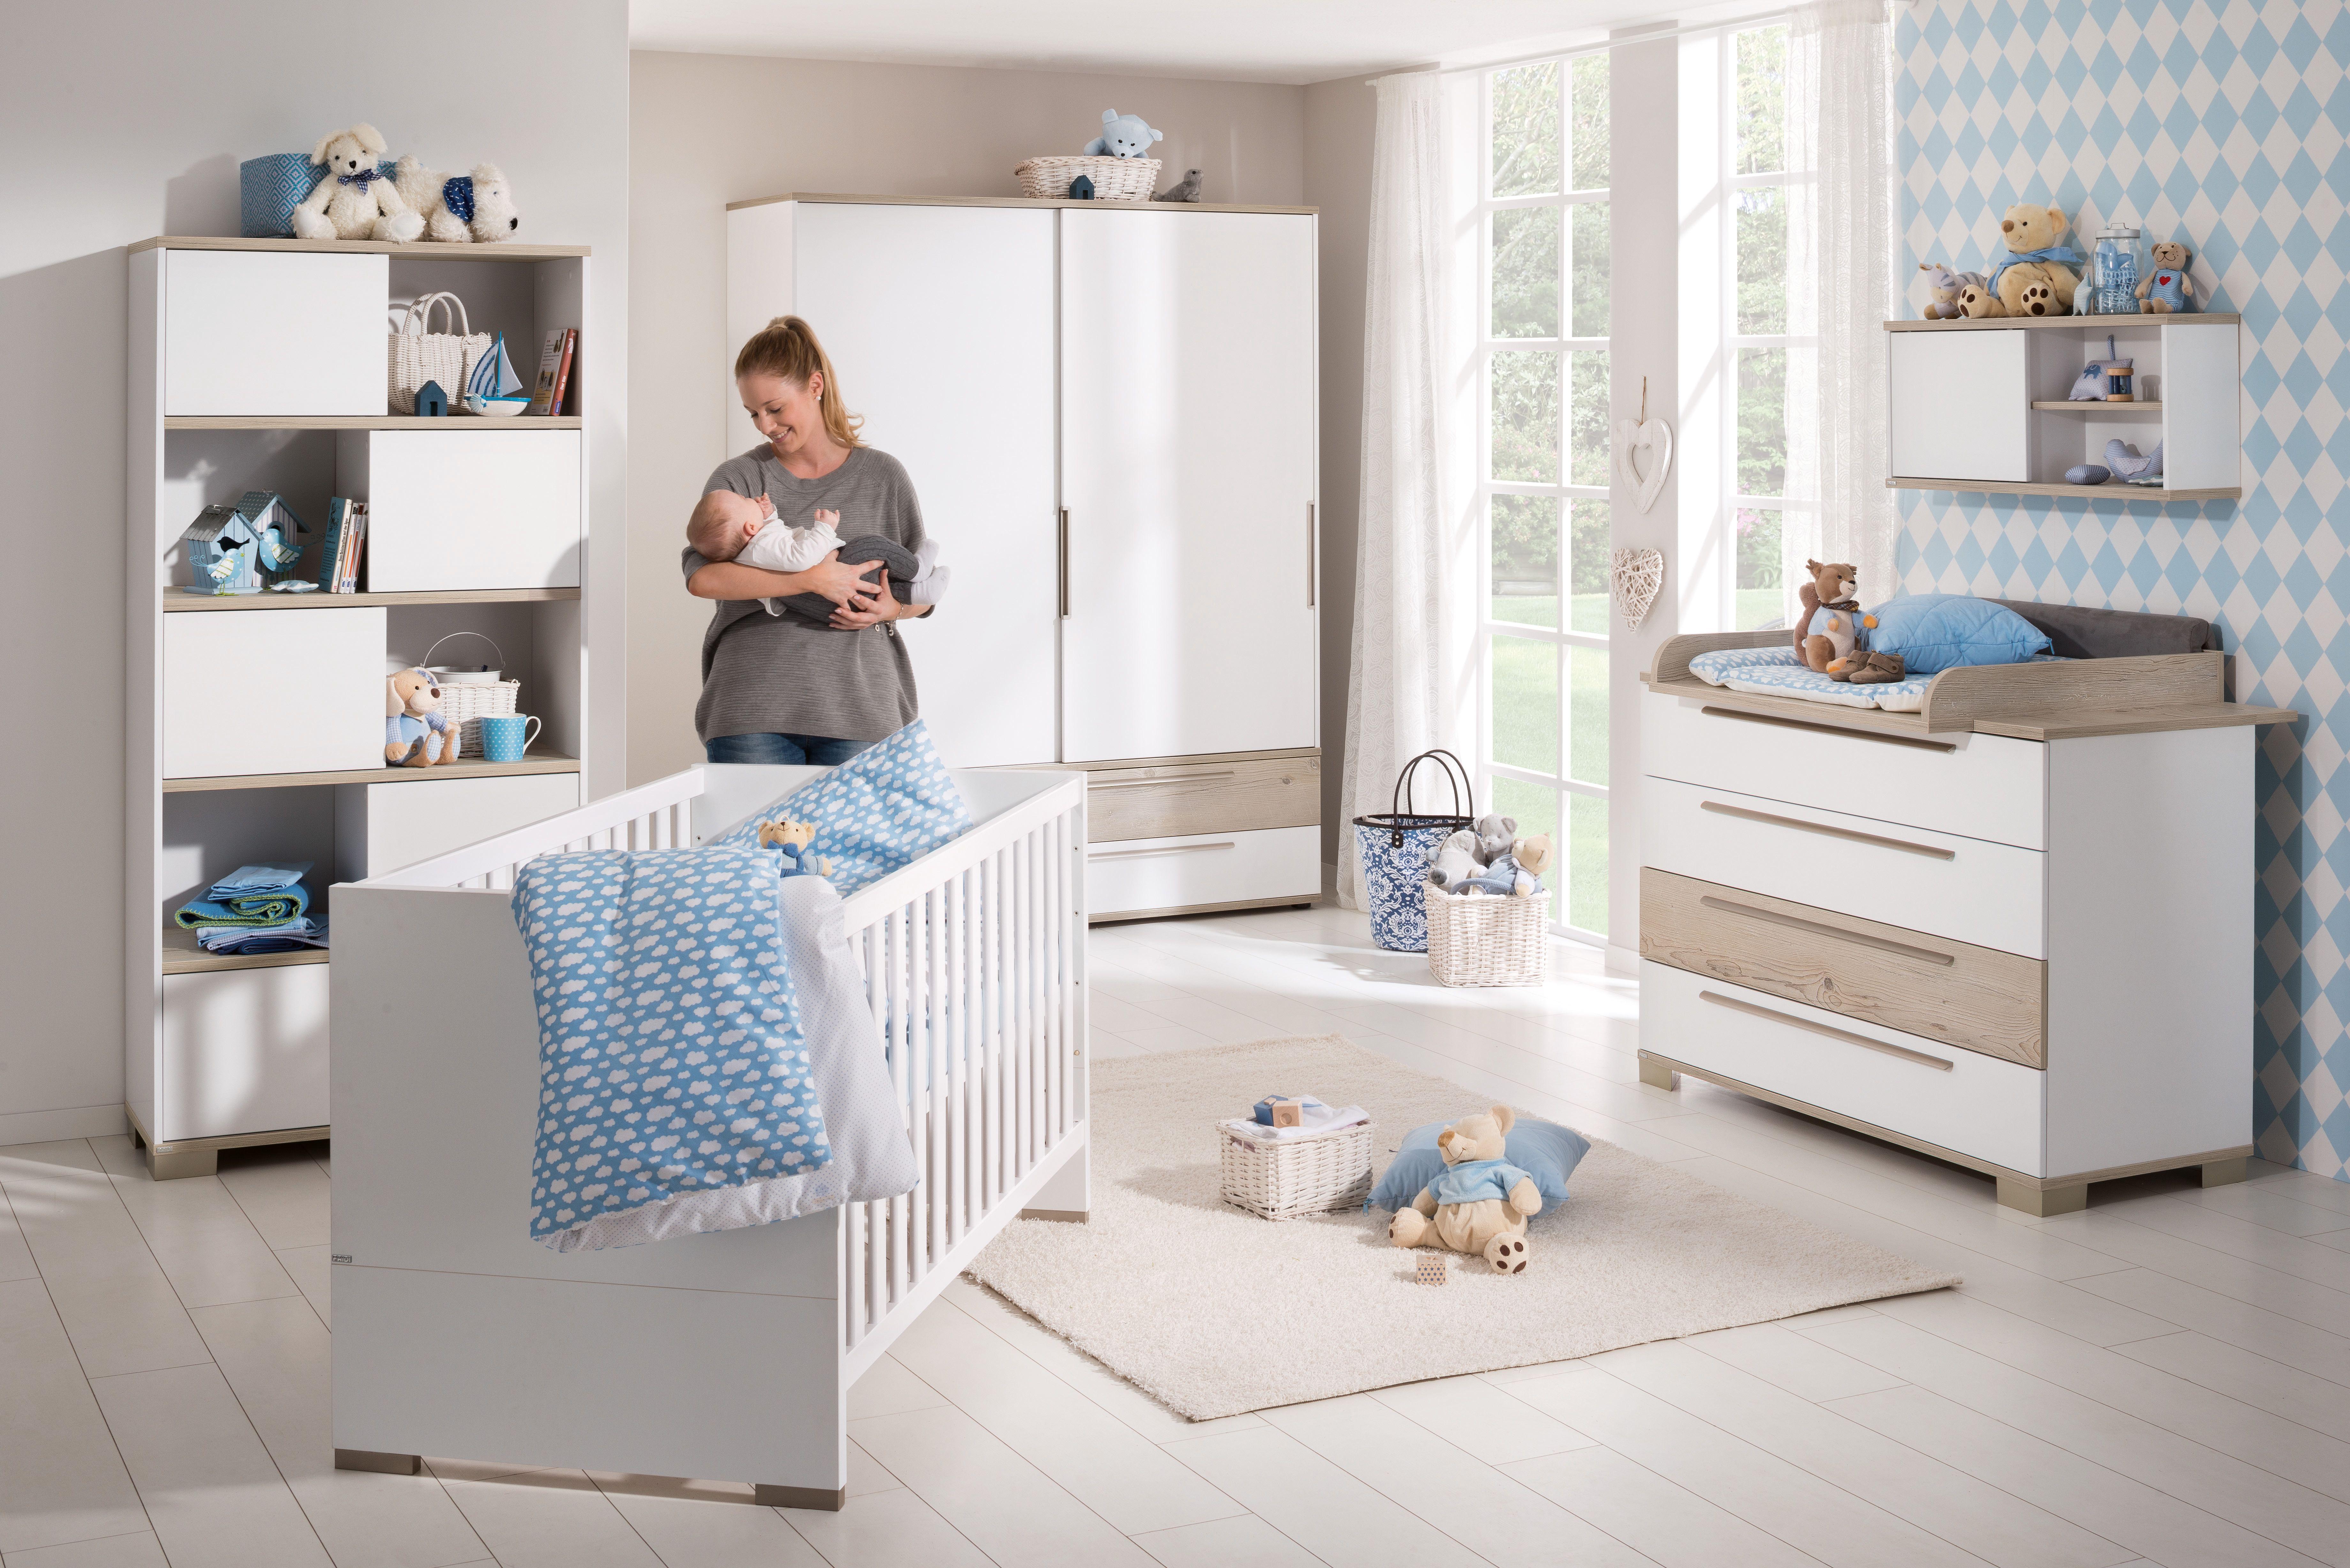 Wimex babyzimmer ~ Babyzimmer filou amazing top marken frs babyzimmer with